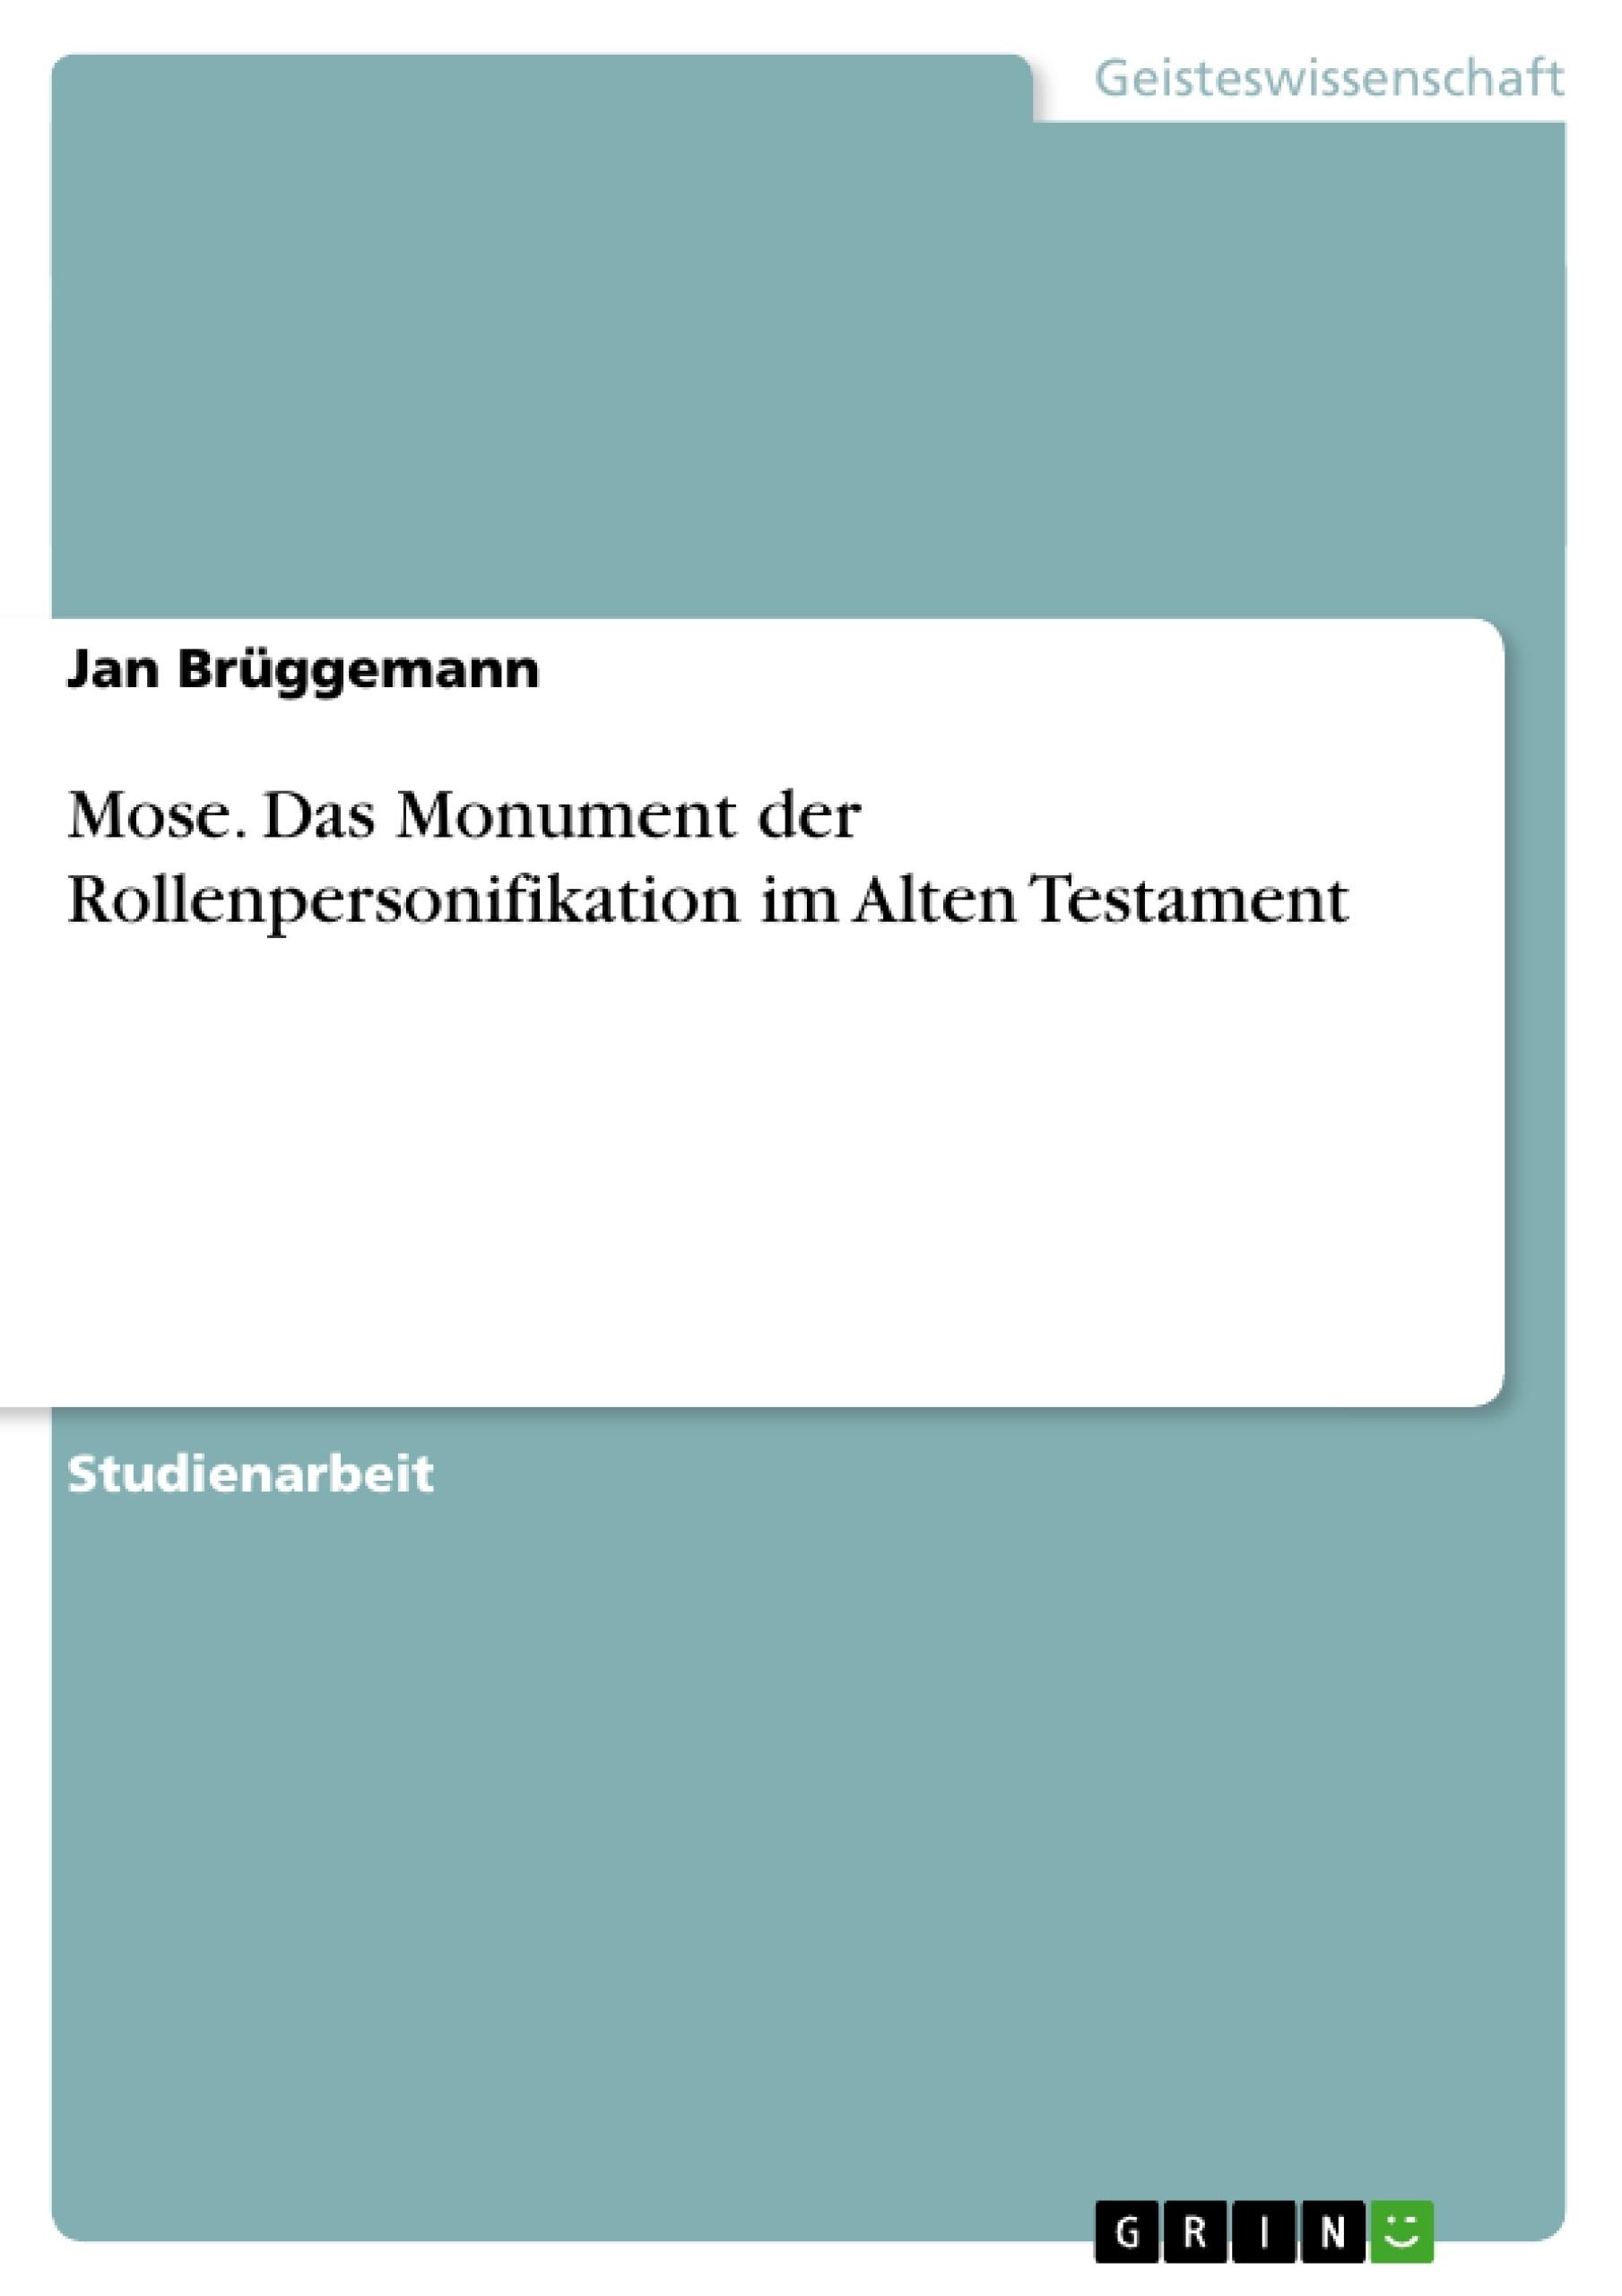 Titel: Mose. Das Monument der Rollenpersonifikation im Alten Testament